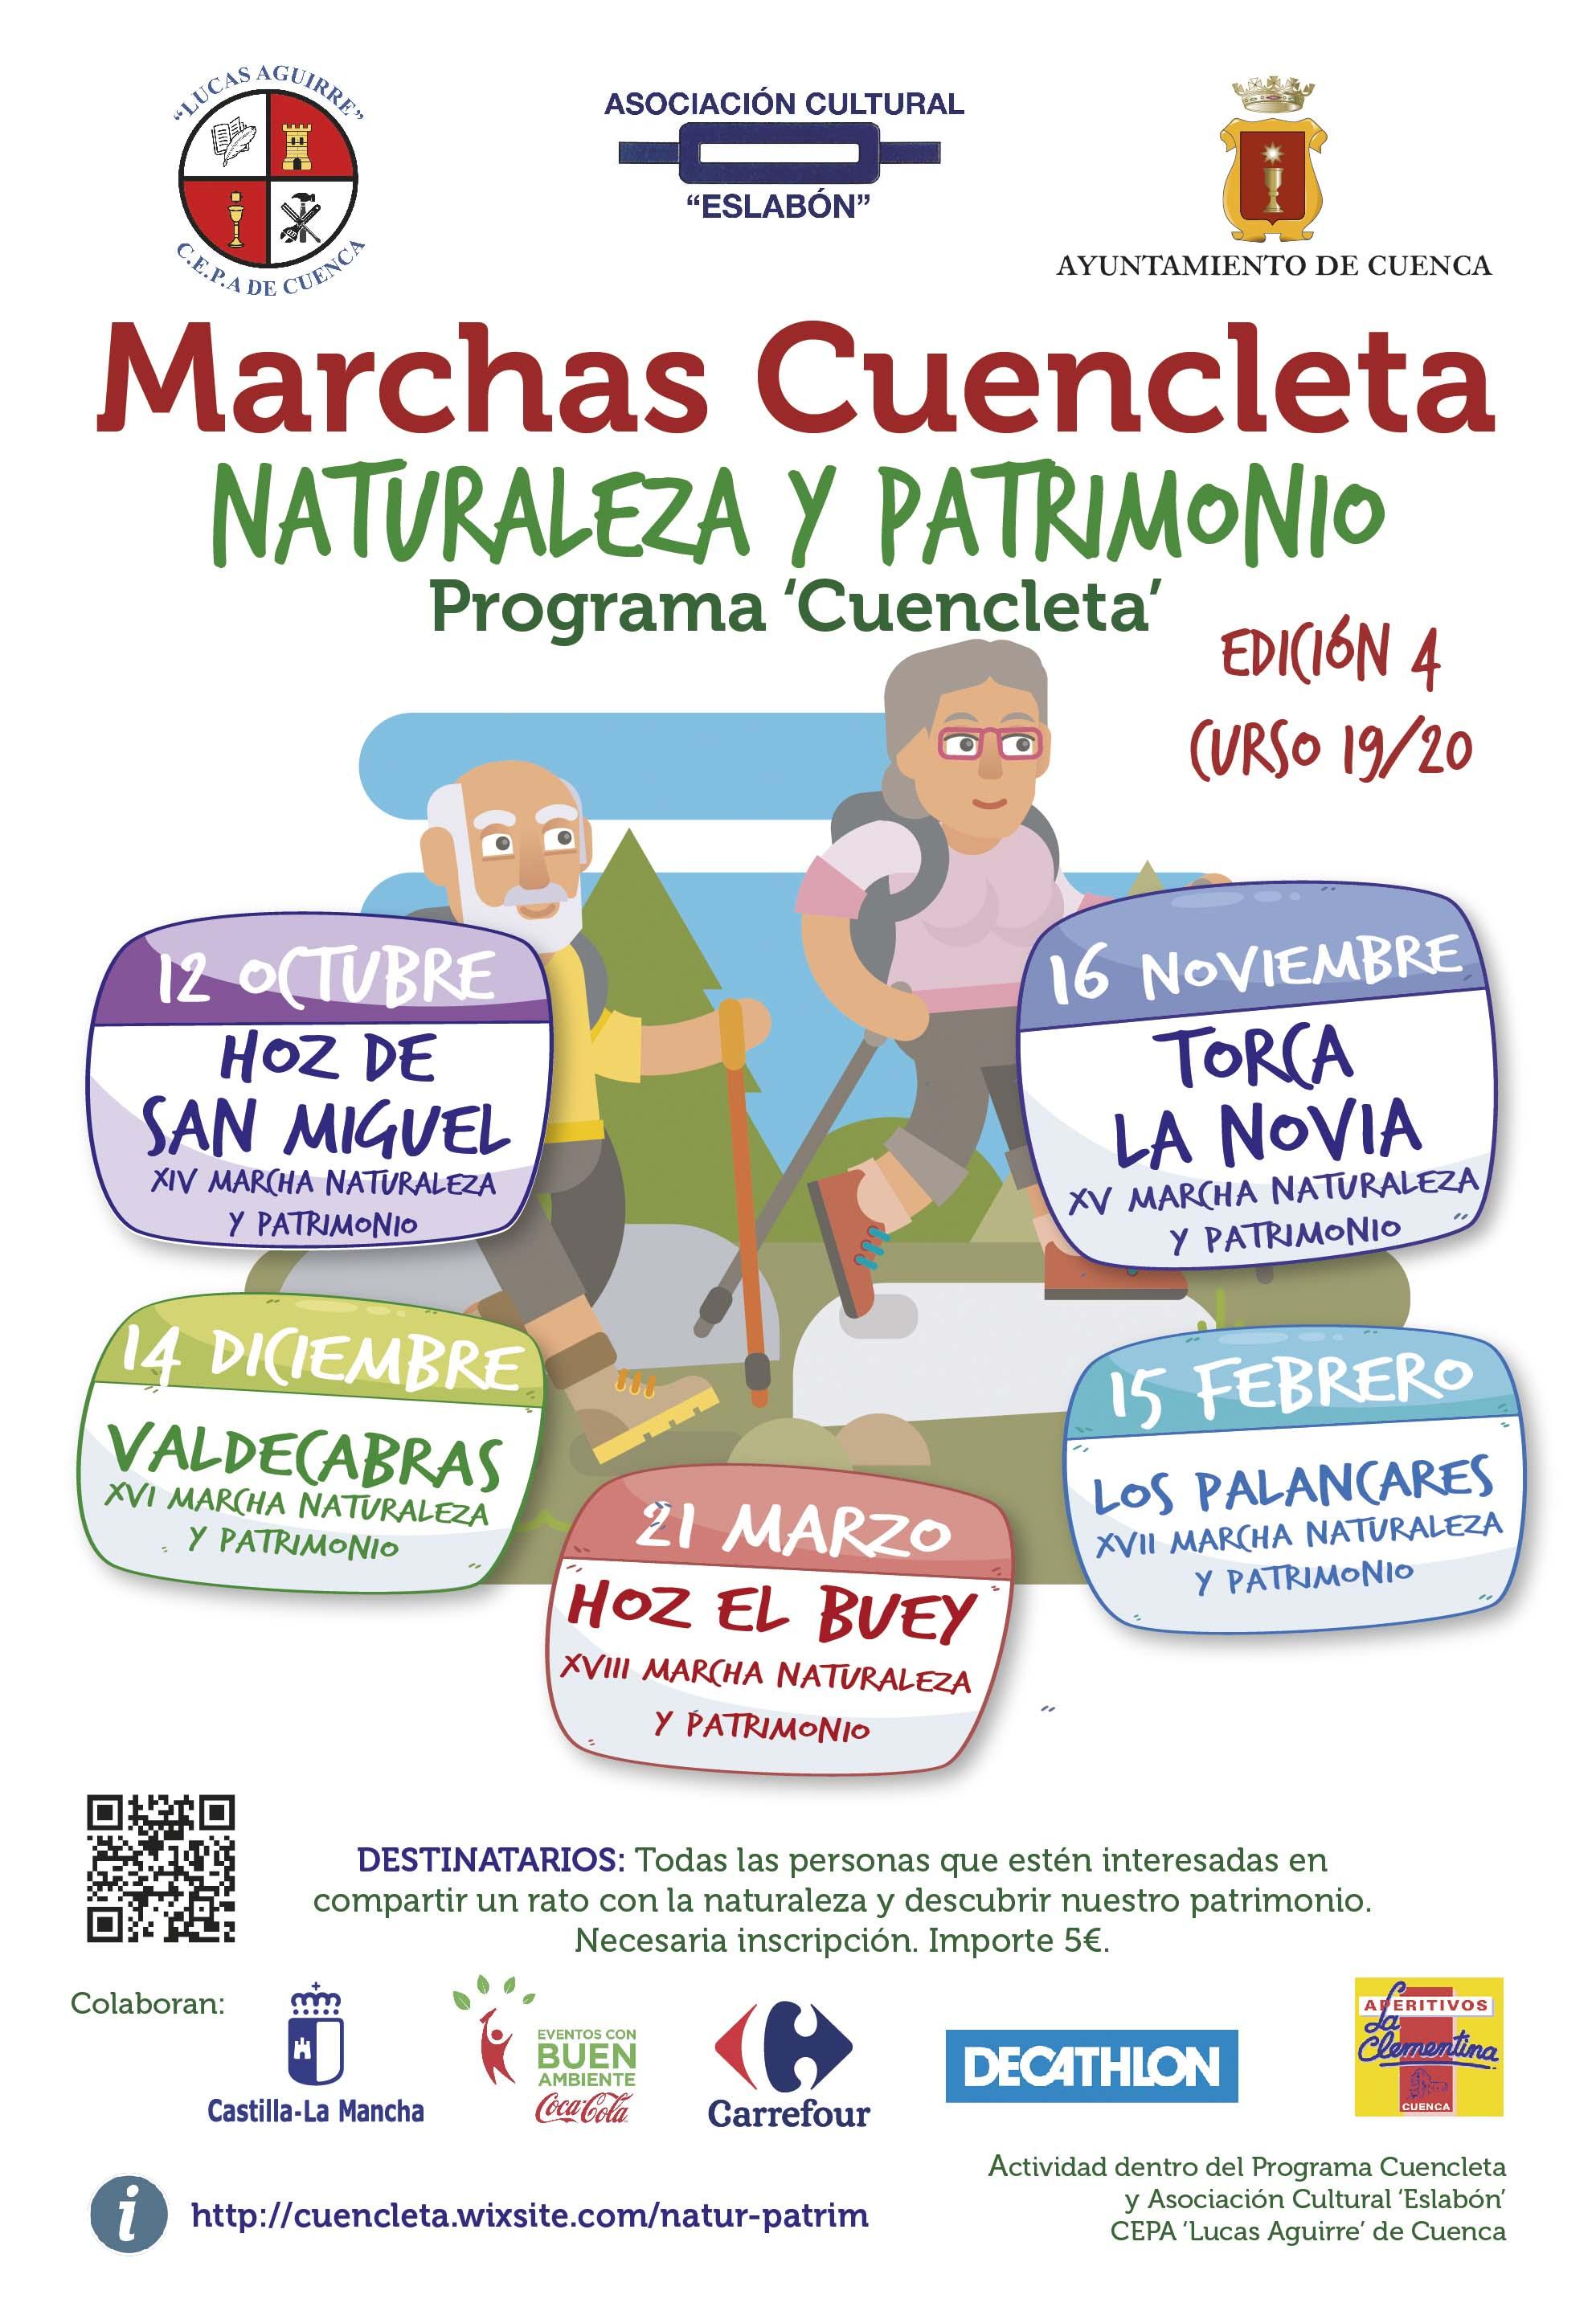 Las Marchas Cuencleta se inician este sábado 12 de octubre con una ruta por la Hoz de San Miguel